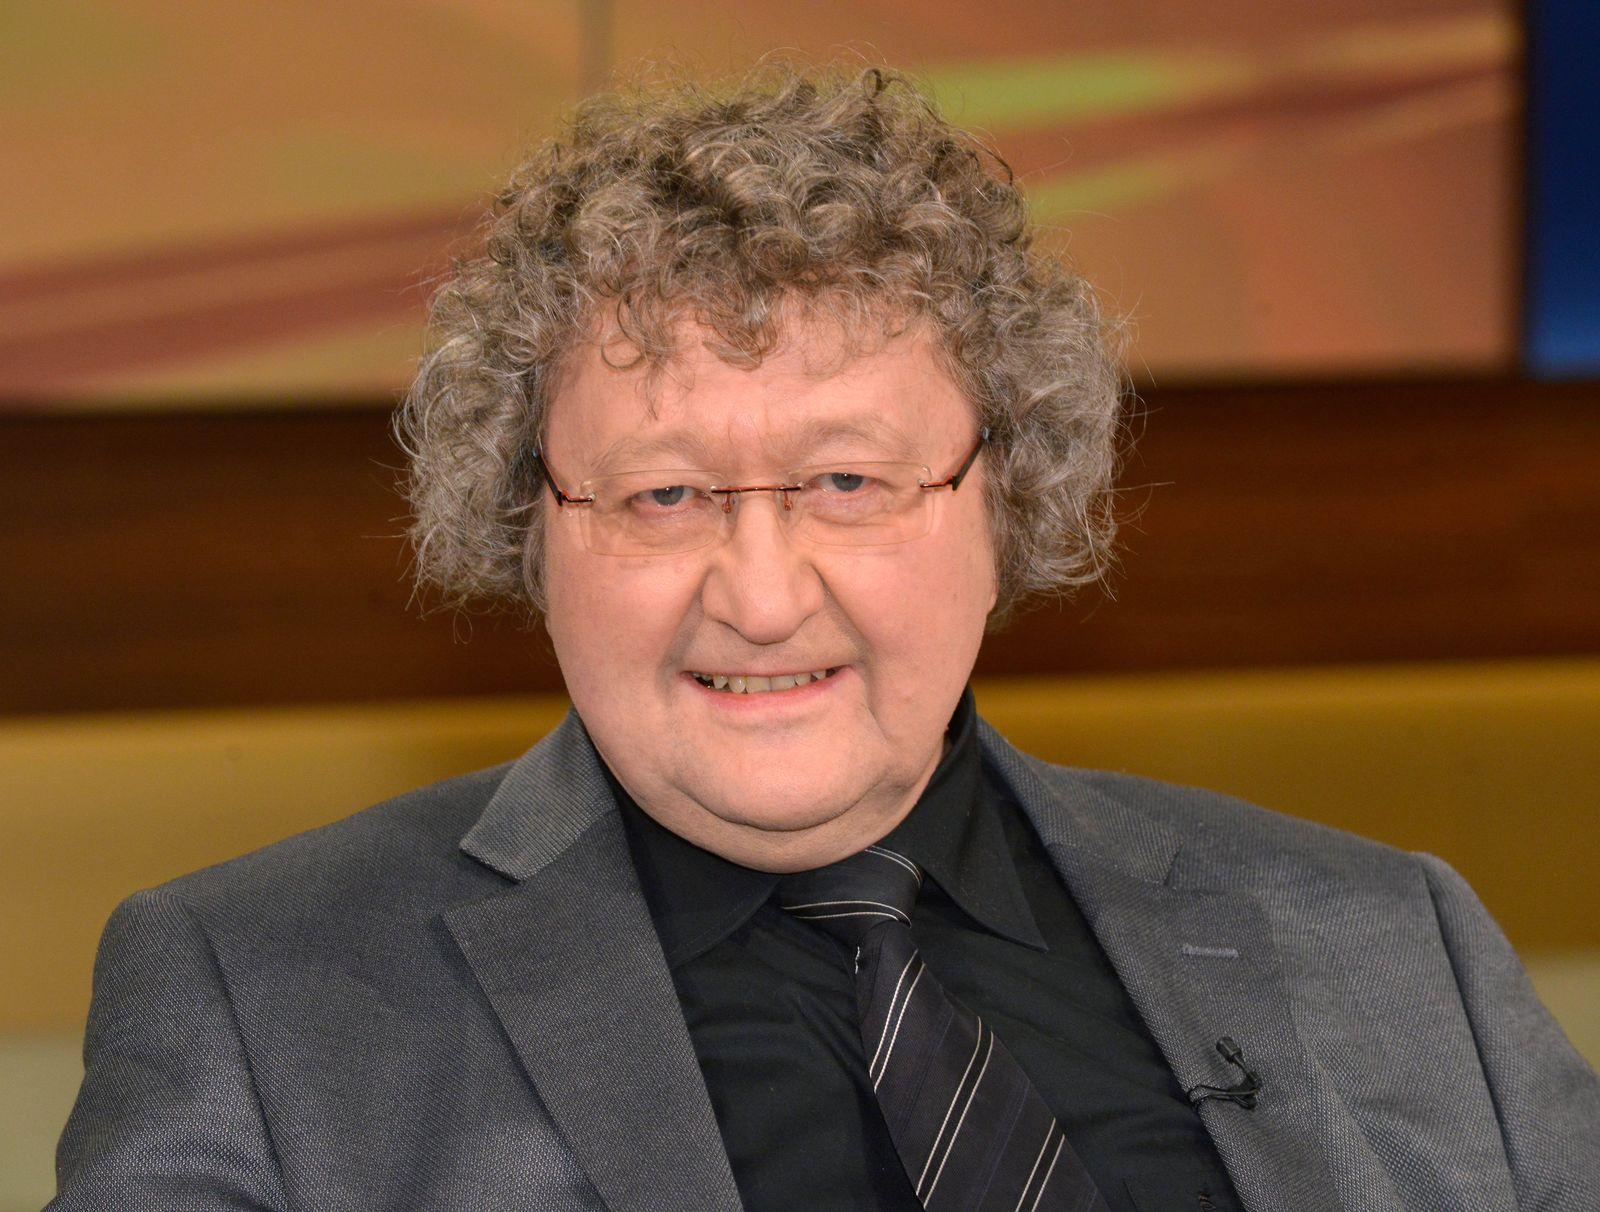 Politikwissenschaftler Werner Patzelt